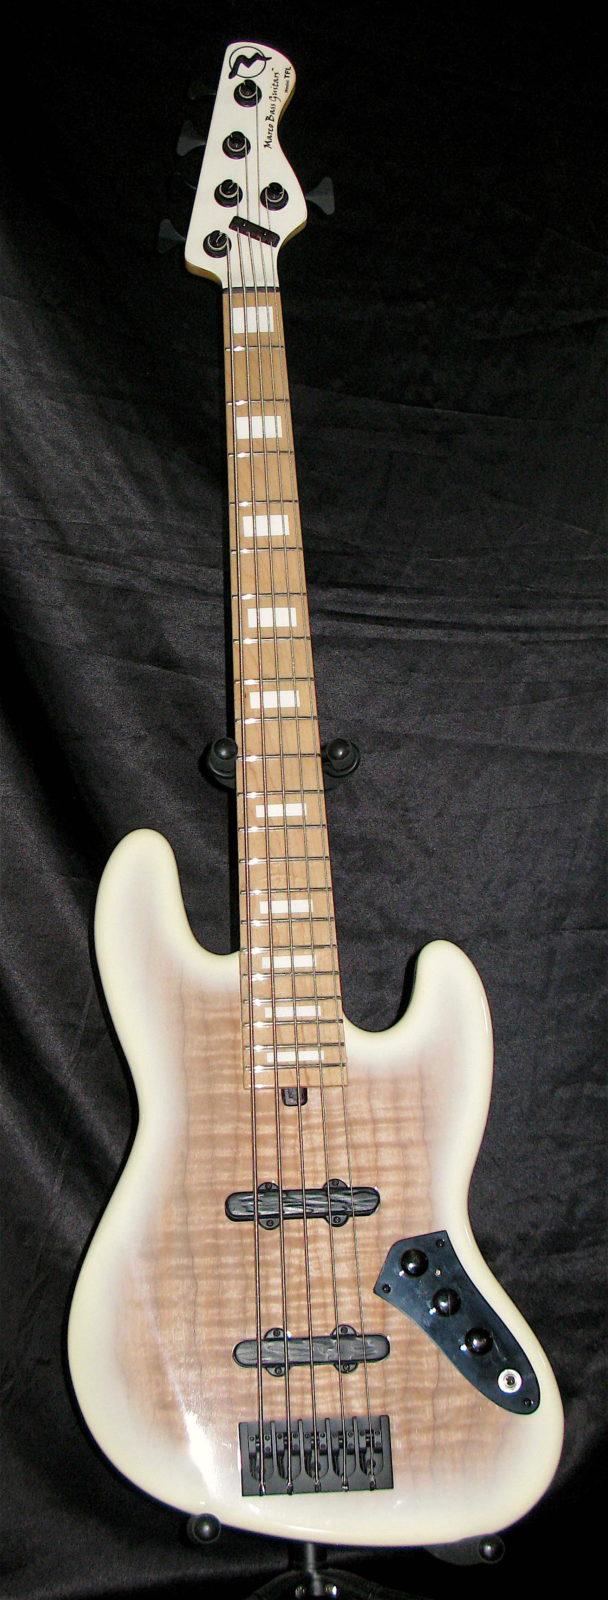 Marco Bass Guitars 2 Sticker Set/</</>/>Marco/</</>/>Bass/</</>/>Guitars